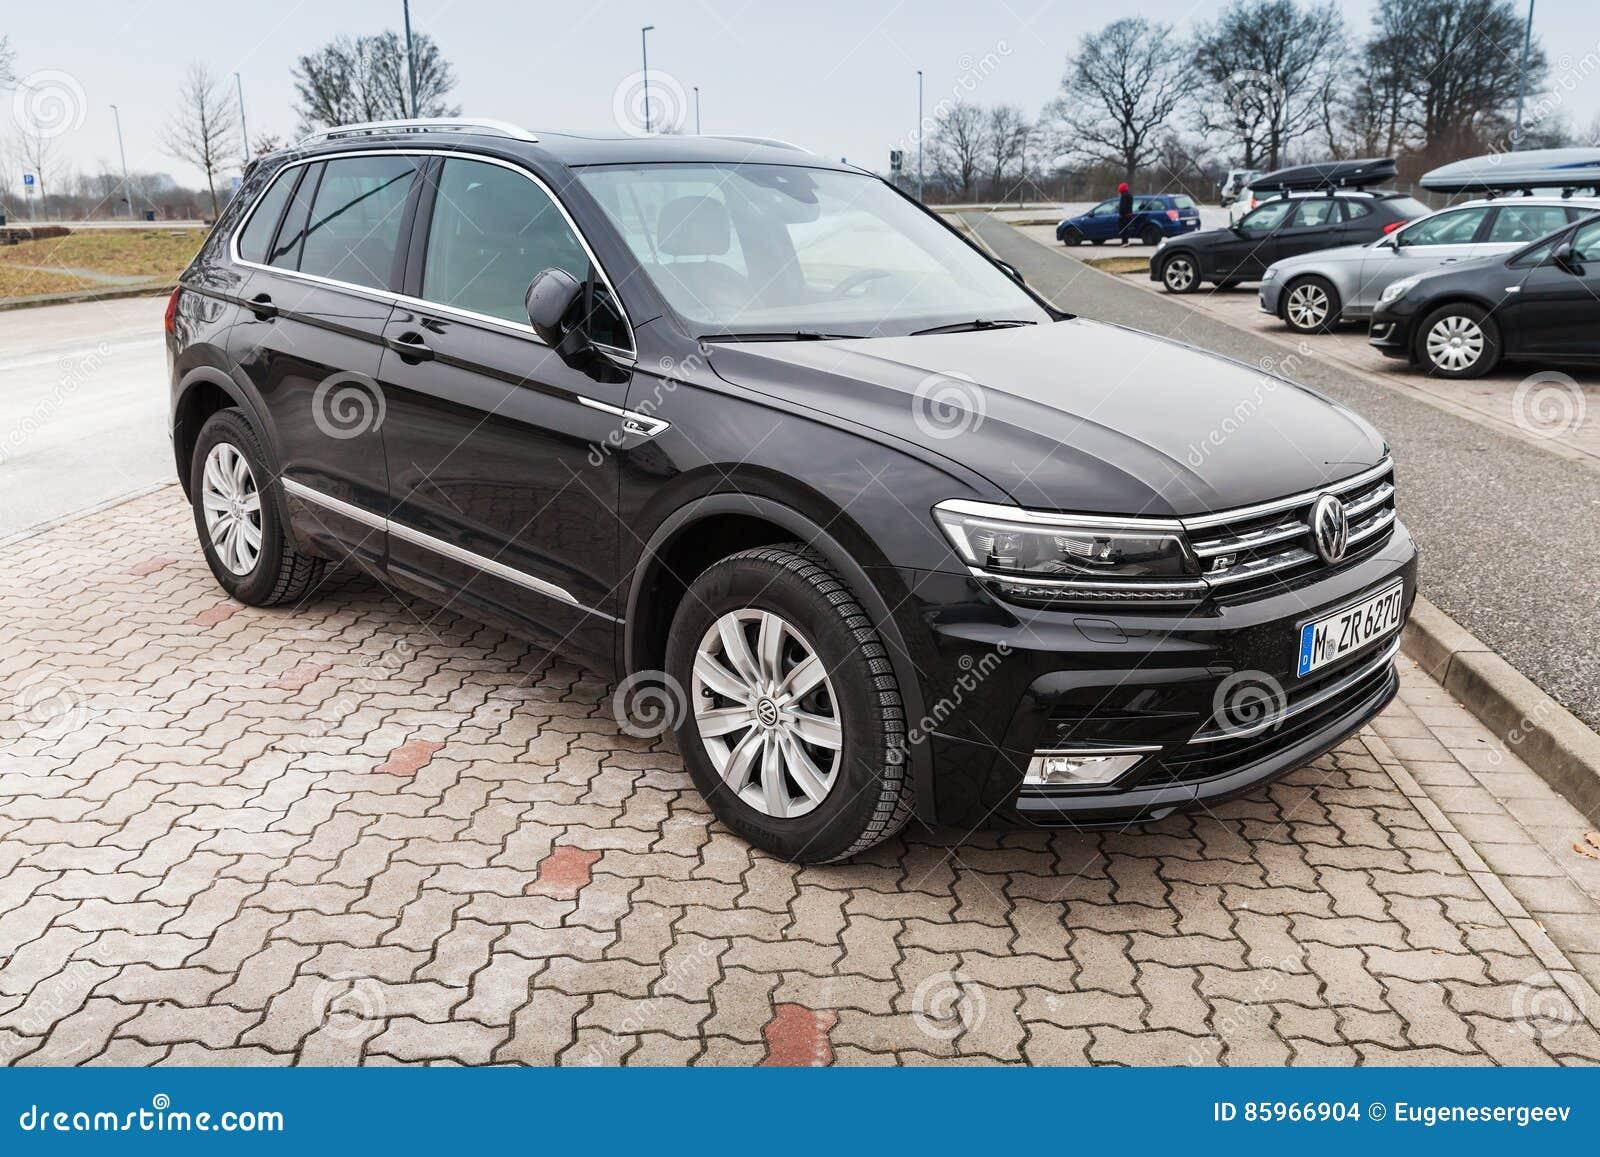 Volkswagen Tiguan R Linha 4x4 Preto Fotos Fotos De Stock Gratuitas E Fotos Royalty Free Dreamstime